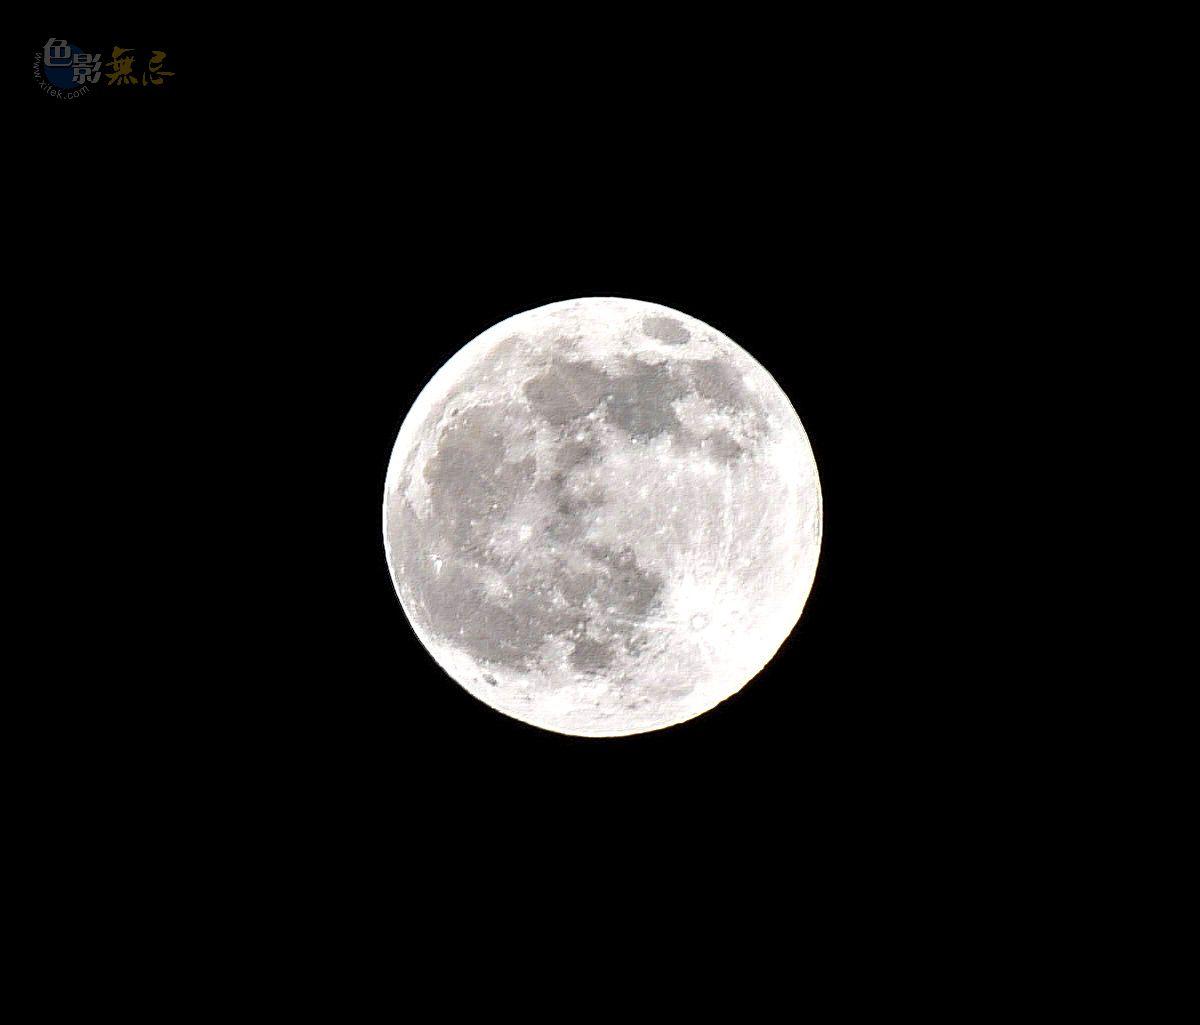 之颠摄影作品 月亮的脸偷偷地在改变 3